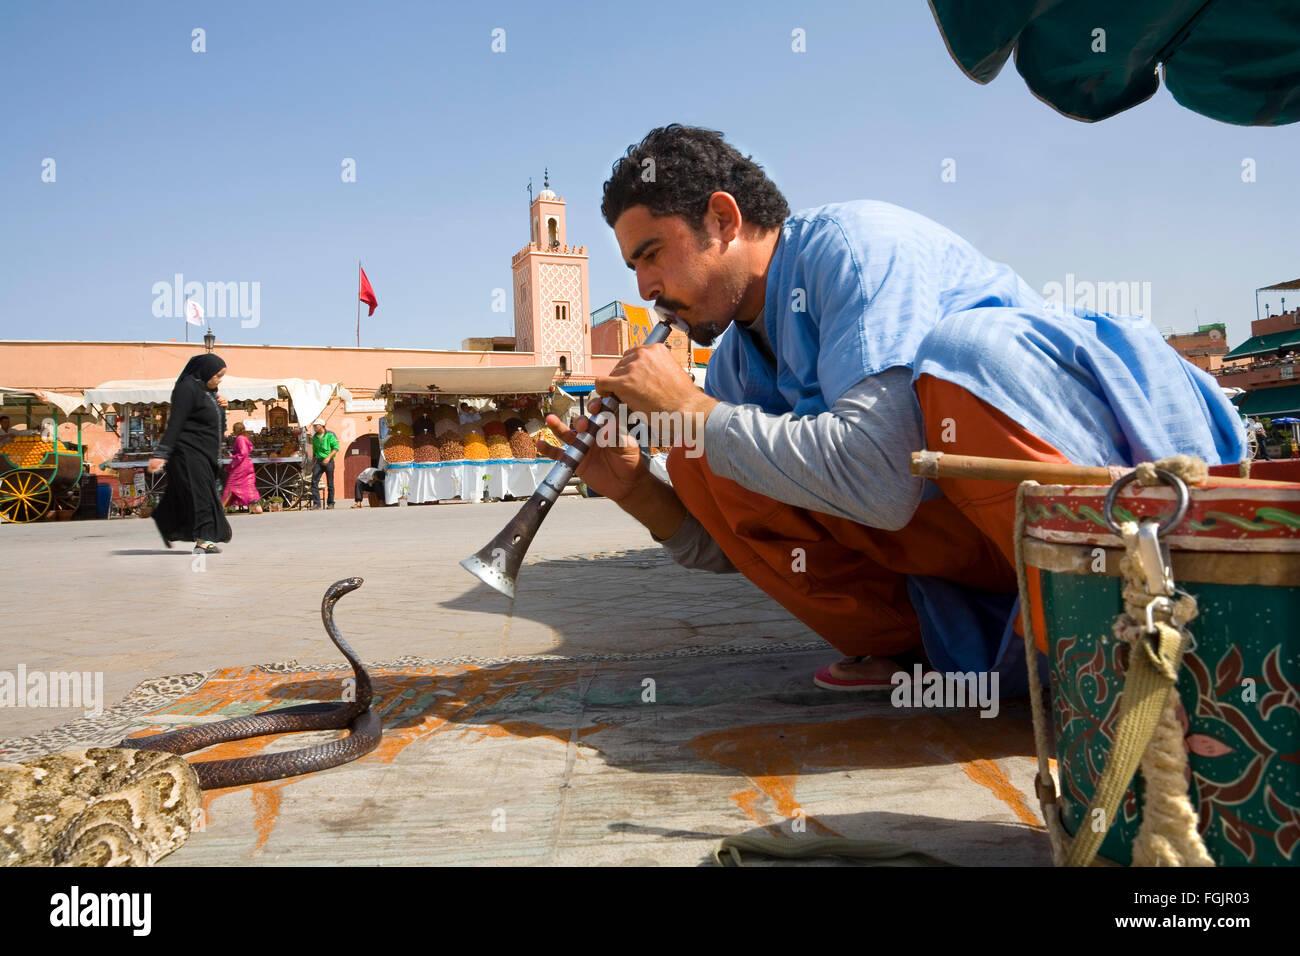 Il serpente incantatore in Piazza Jemaa El Fna a Marrakech Immagini Stock